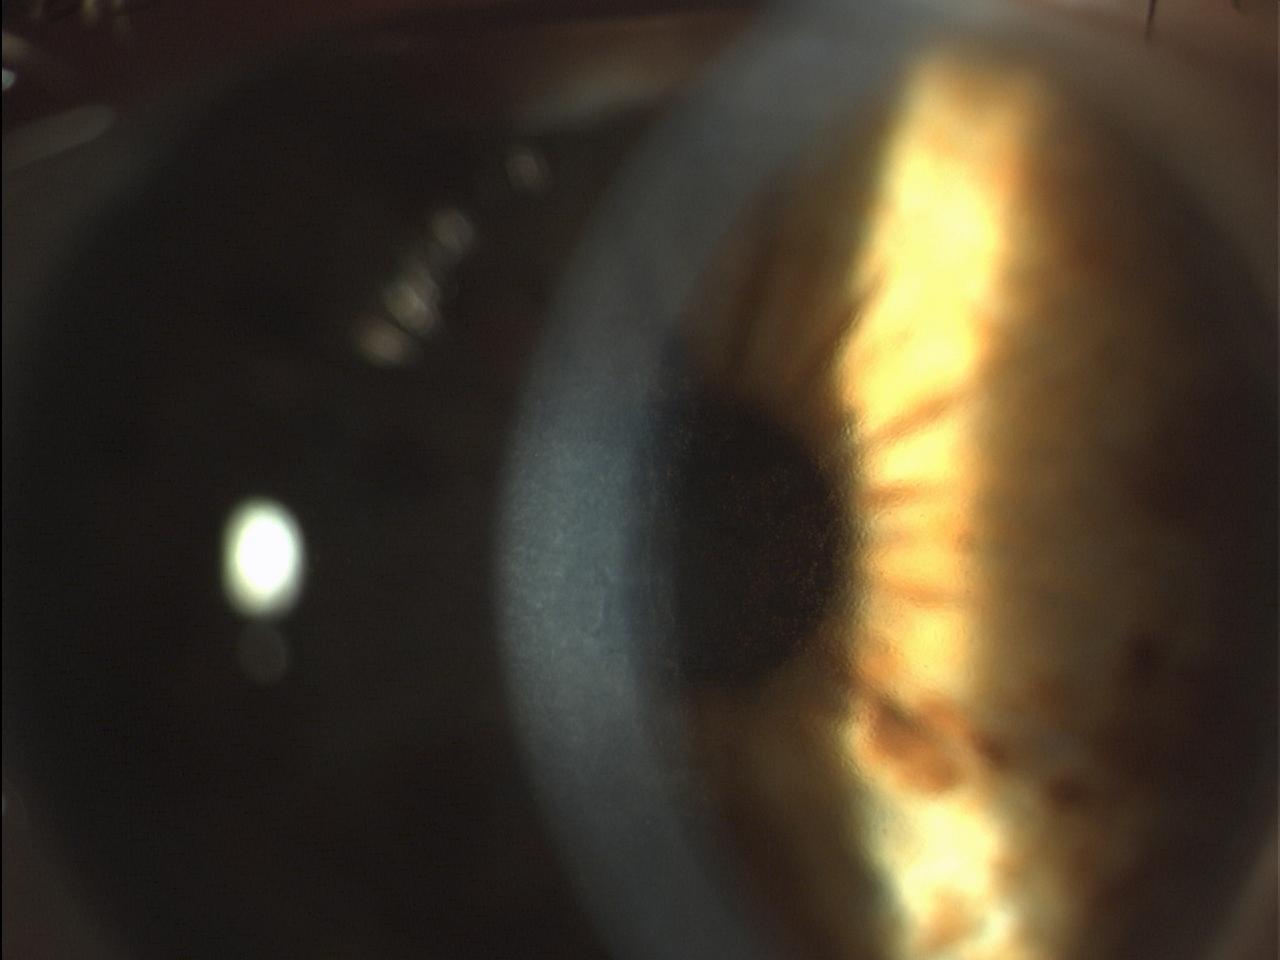 Figura 10: Iniziale edema corneale centrale in Distrofia endoteliale di Fuchs